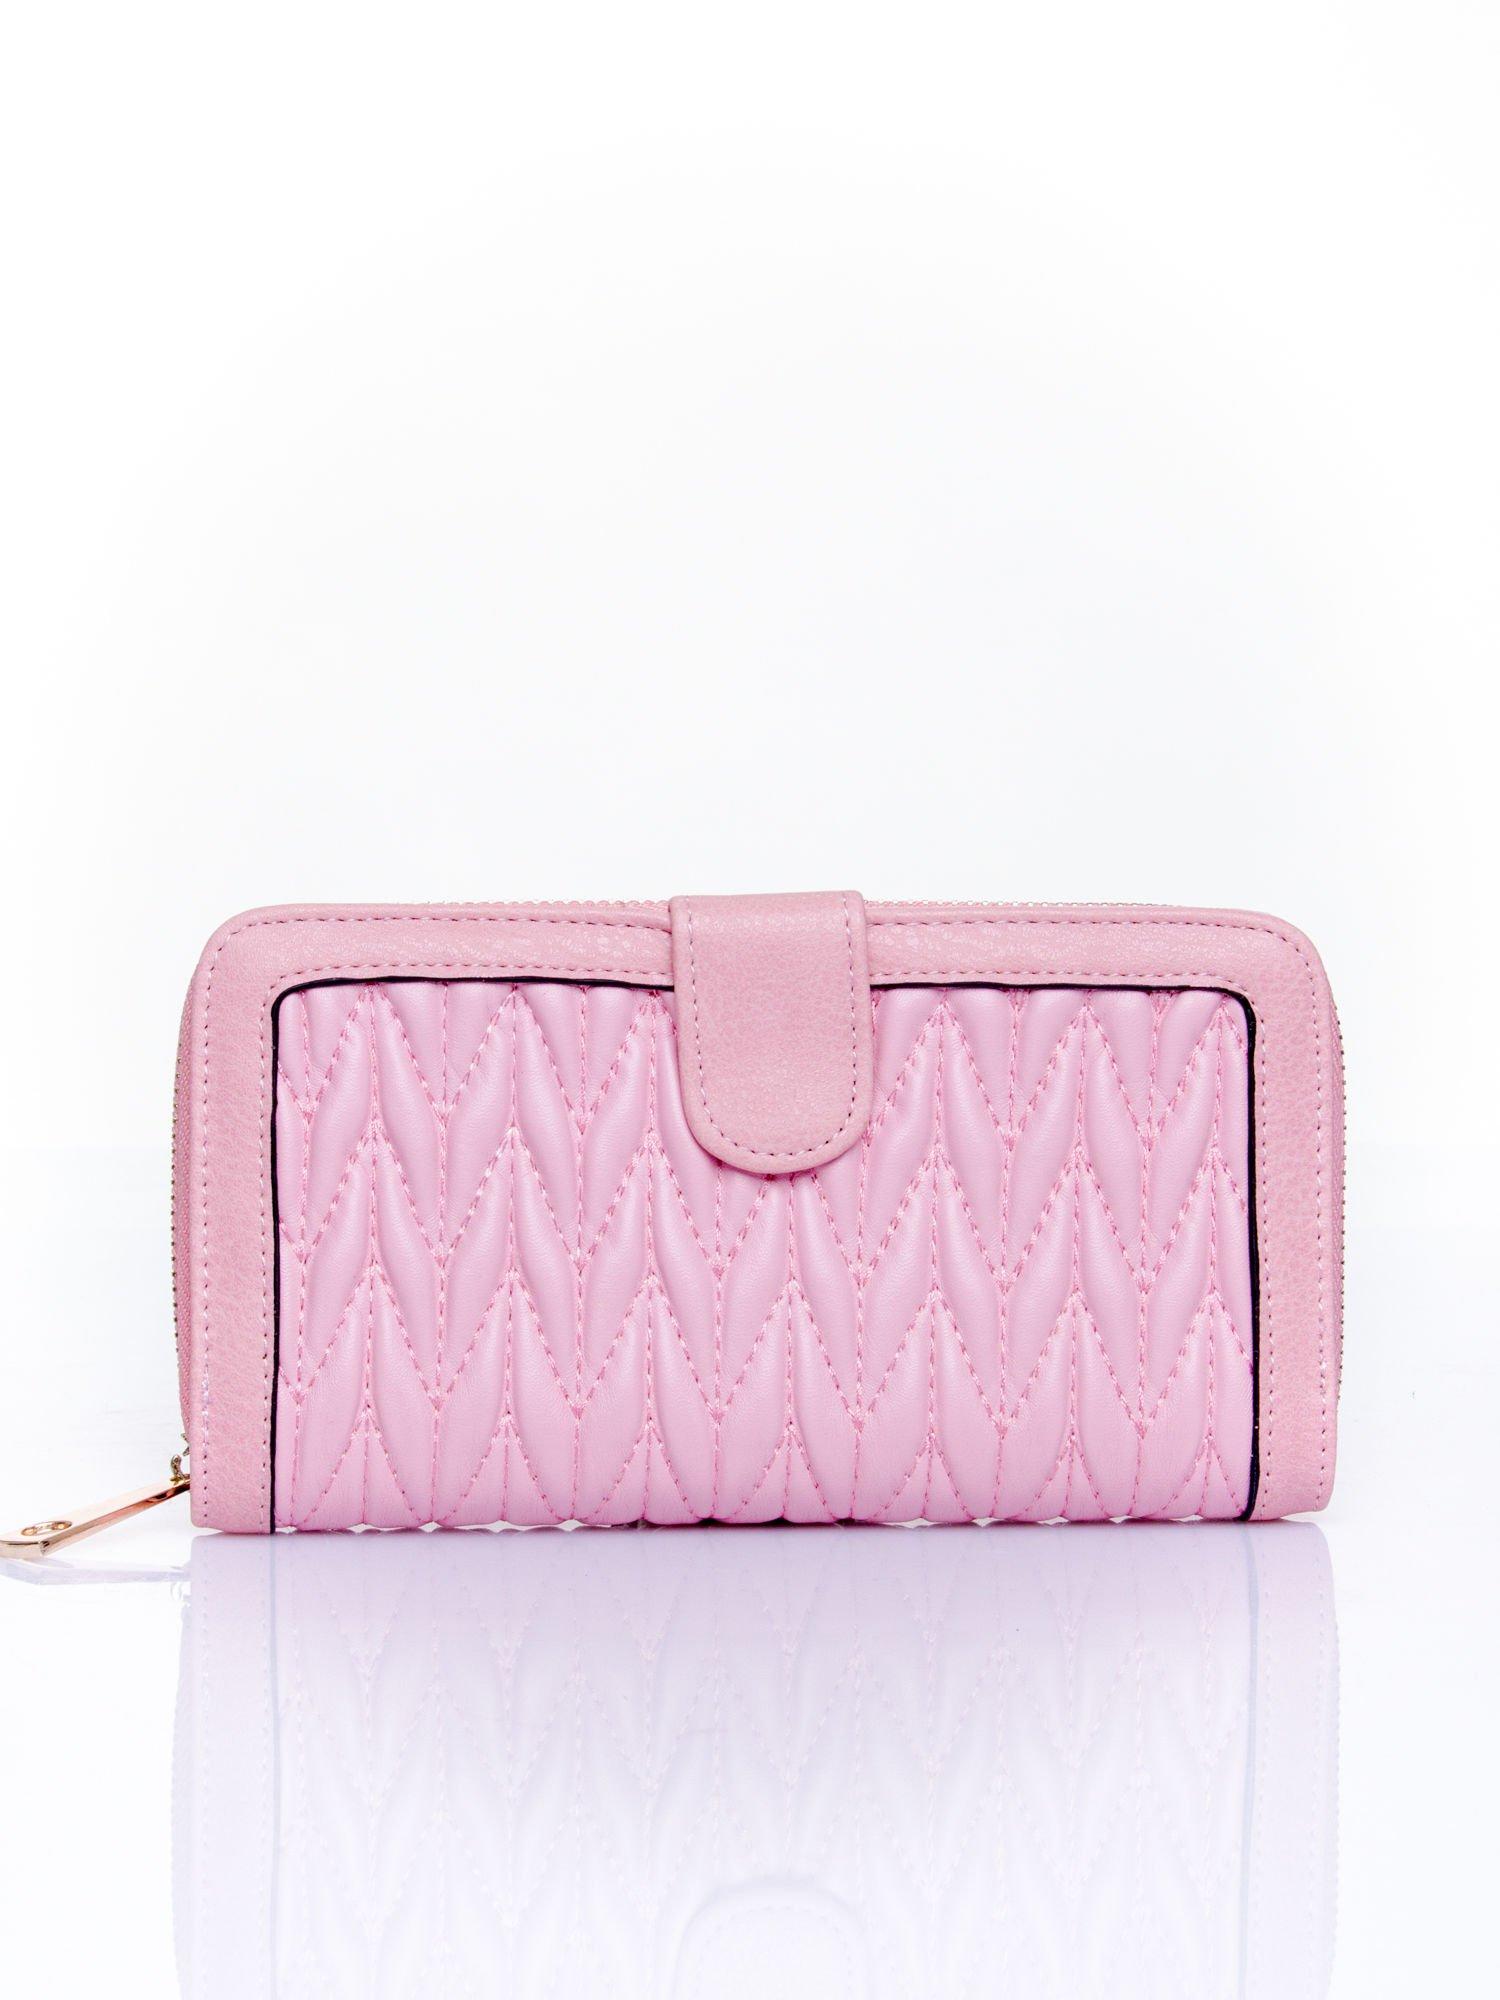 Różowy pikowany portfel ze złotym suwakiem                                  zdj.                                  1